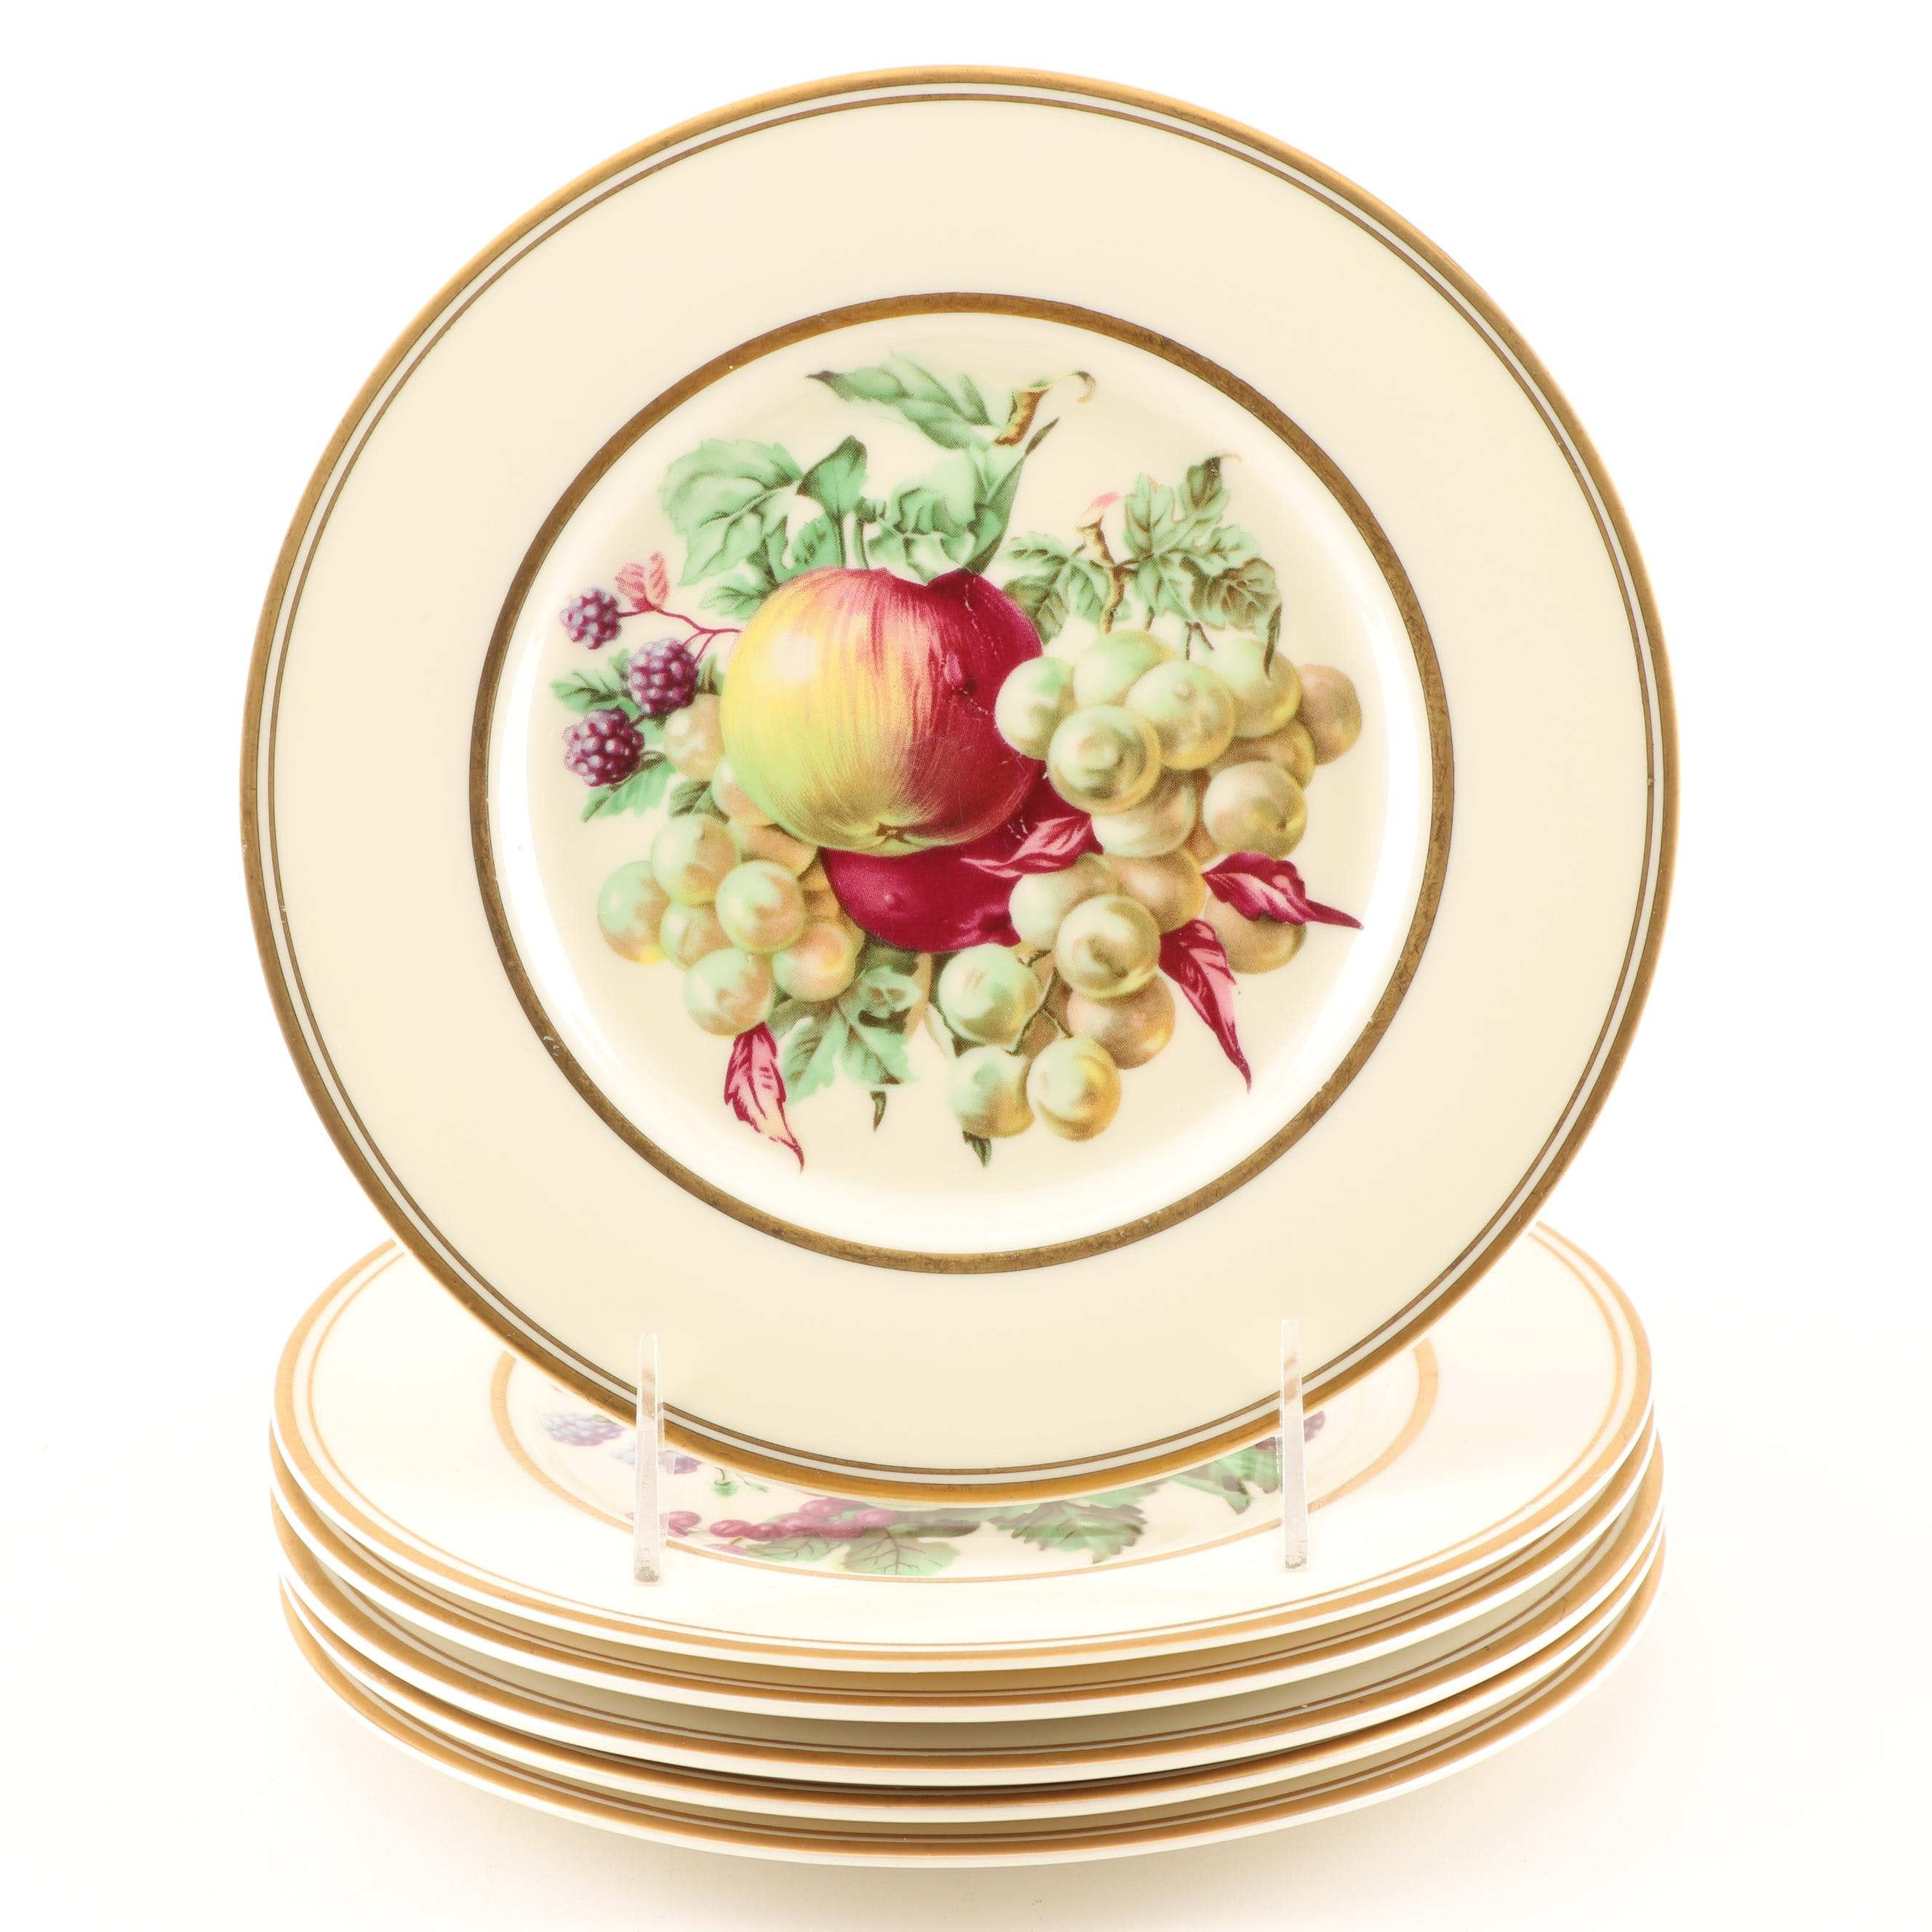 Imperial Decorative Fruit Motif Porcelain Plates